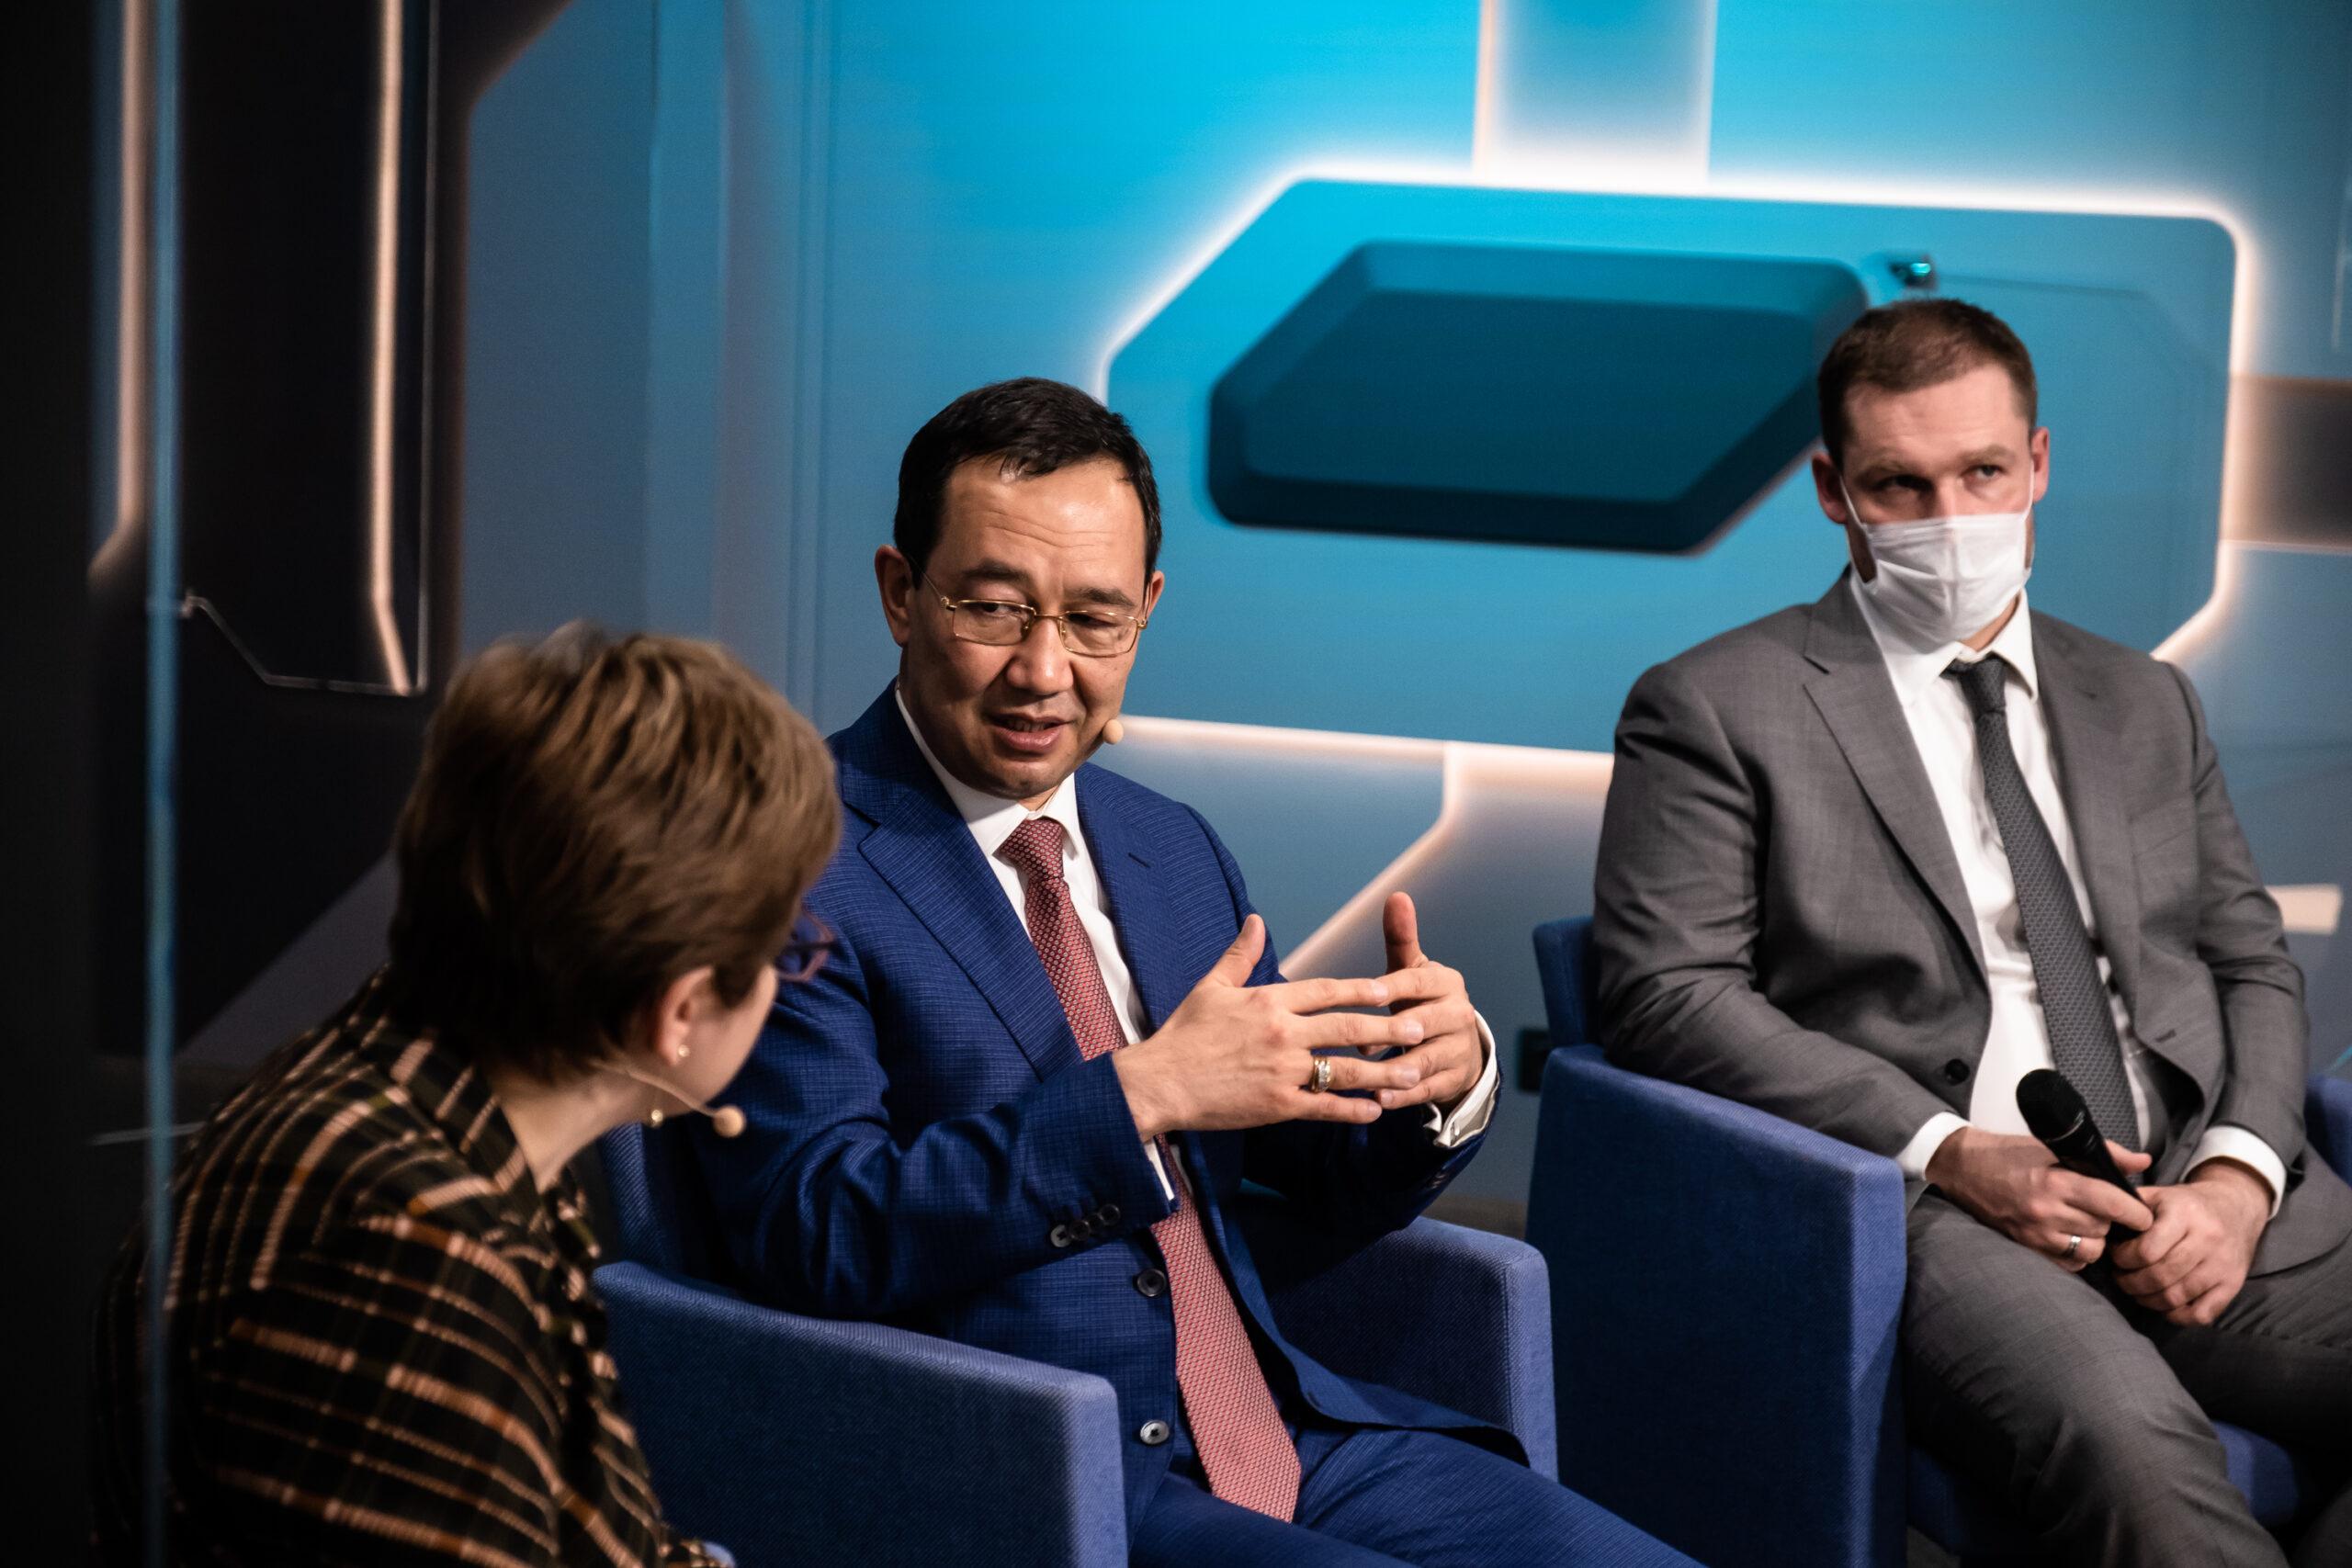 Глава Якутии рассказал о положительном опыте реализации проектов социального воздействия на конференции ВЭБ.РФ